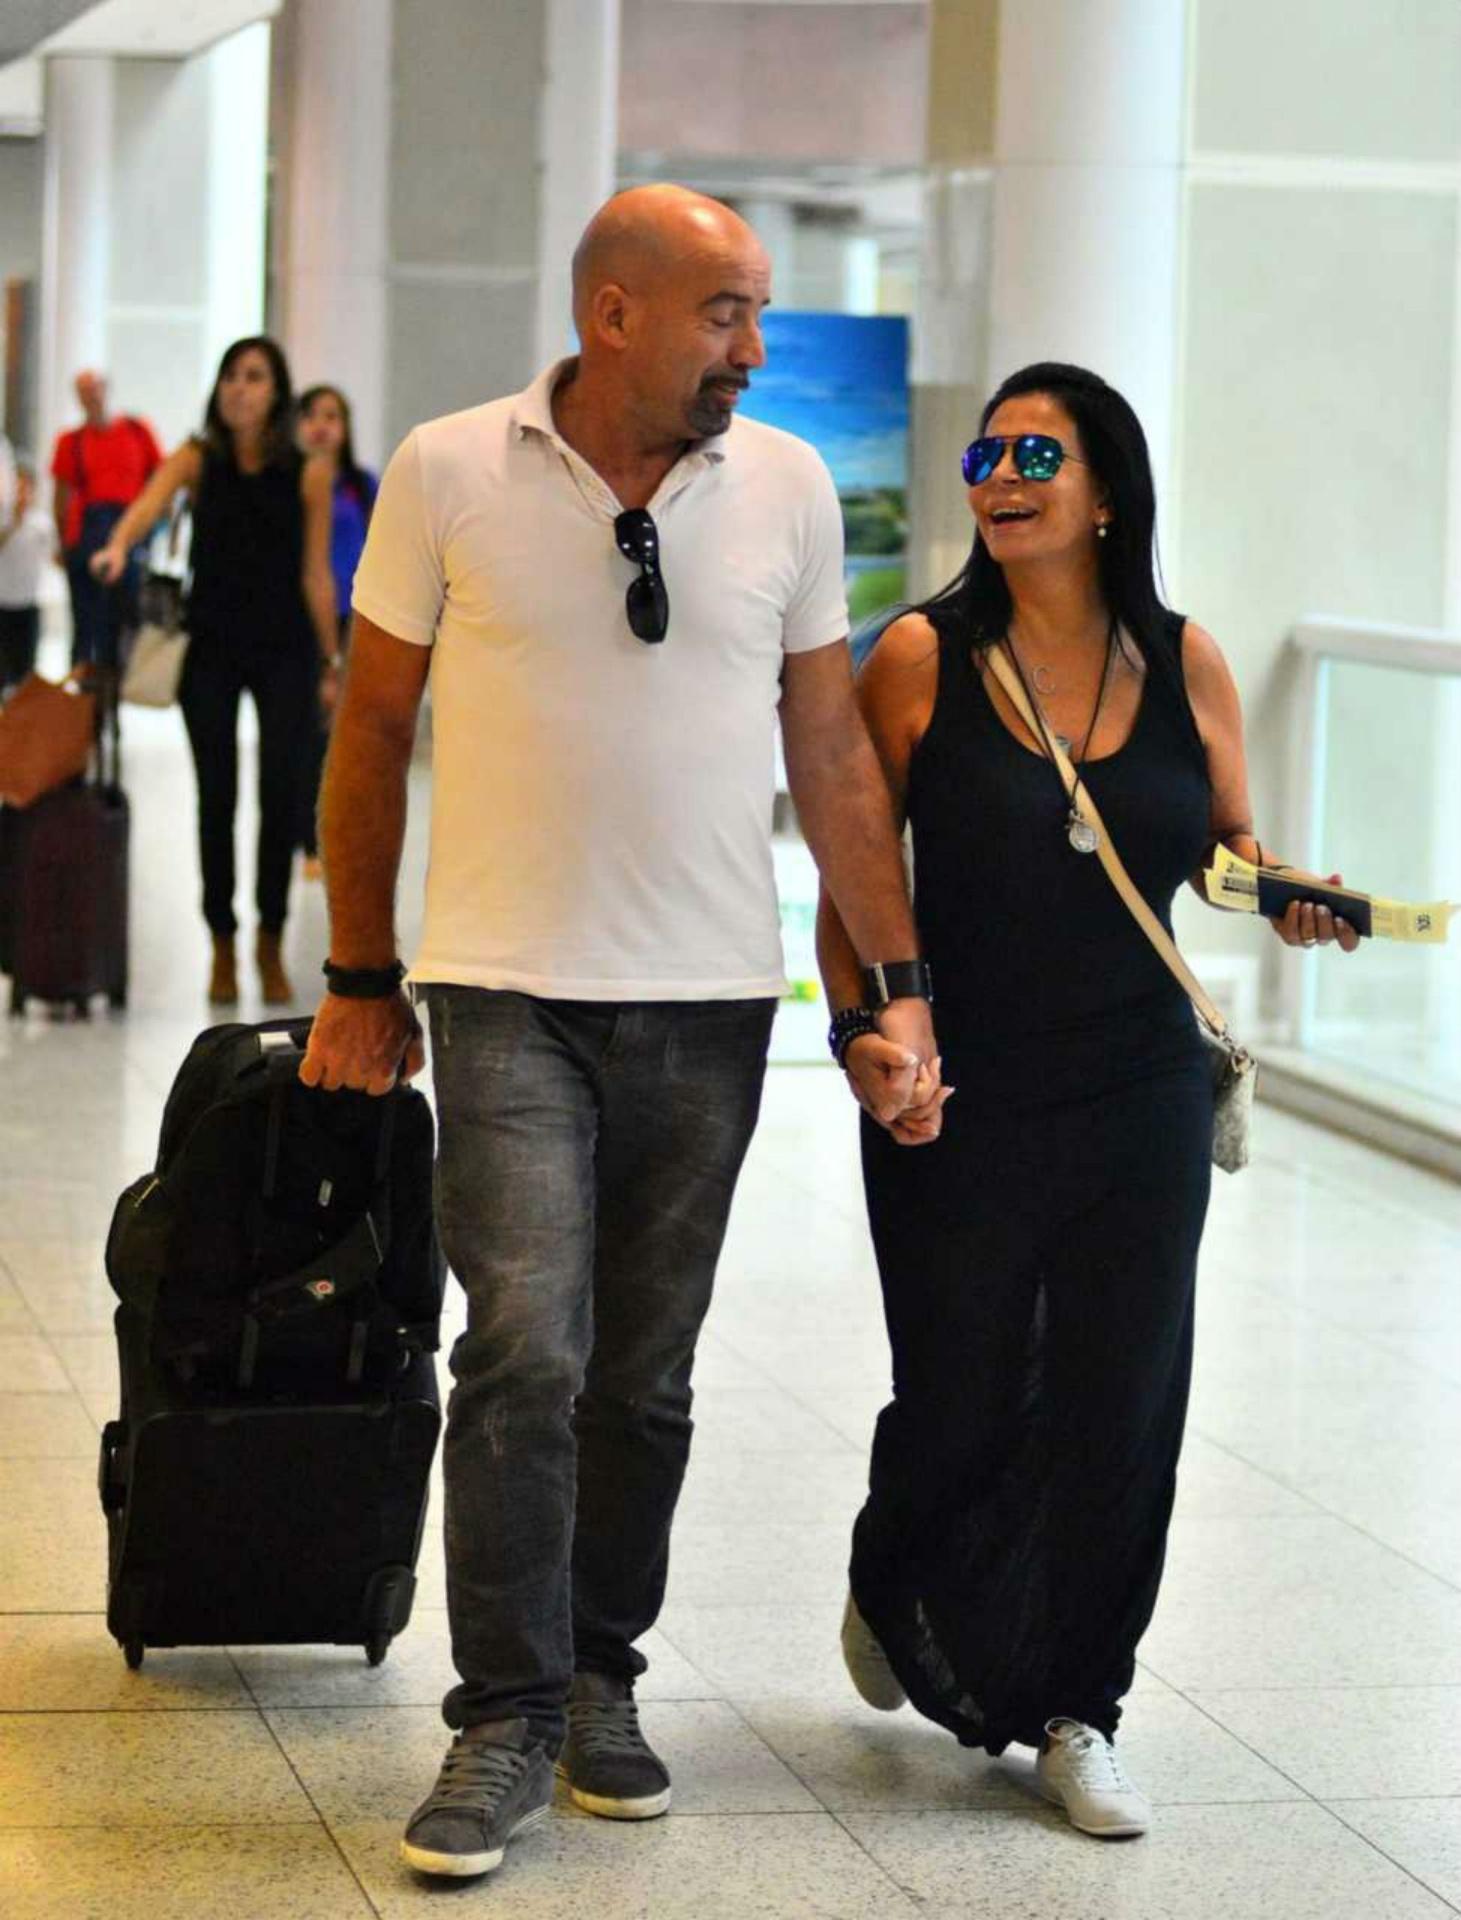 Gretchen embarca com o marido aos beijos no aeroporto Santos Dumont no Rio de Janeiro